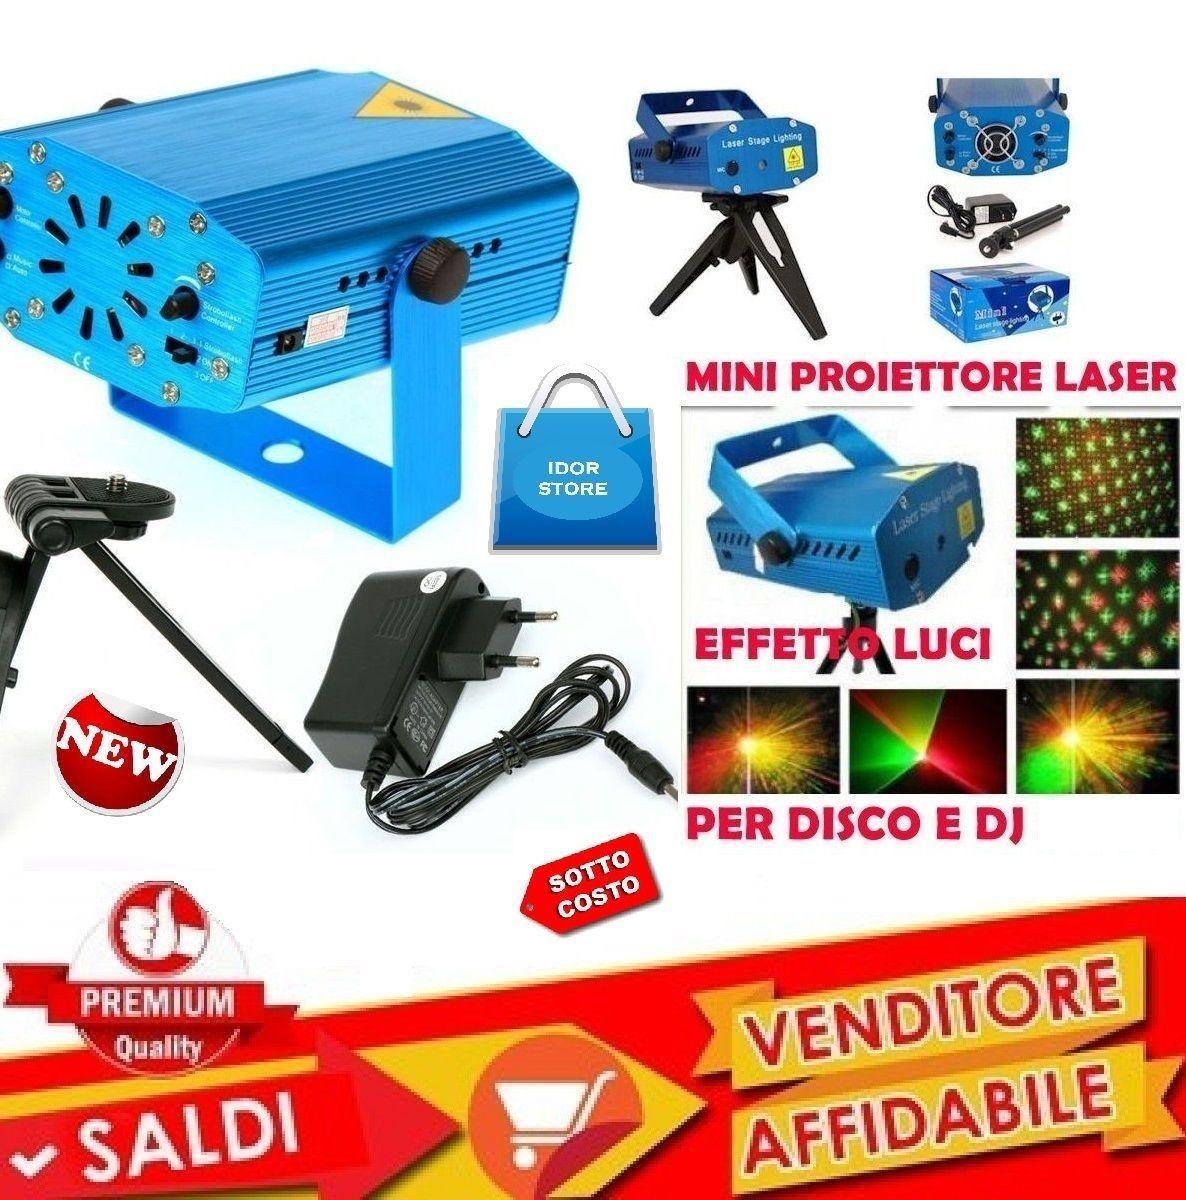 Mini Proiettore Effetto Luci Laser Per Disco Discoteca Dj.Mini Proiettore Laser Effetto Luci Per Disco E Dj Discoteca